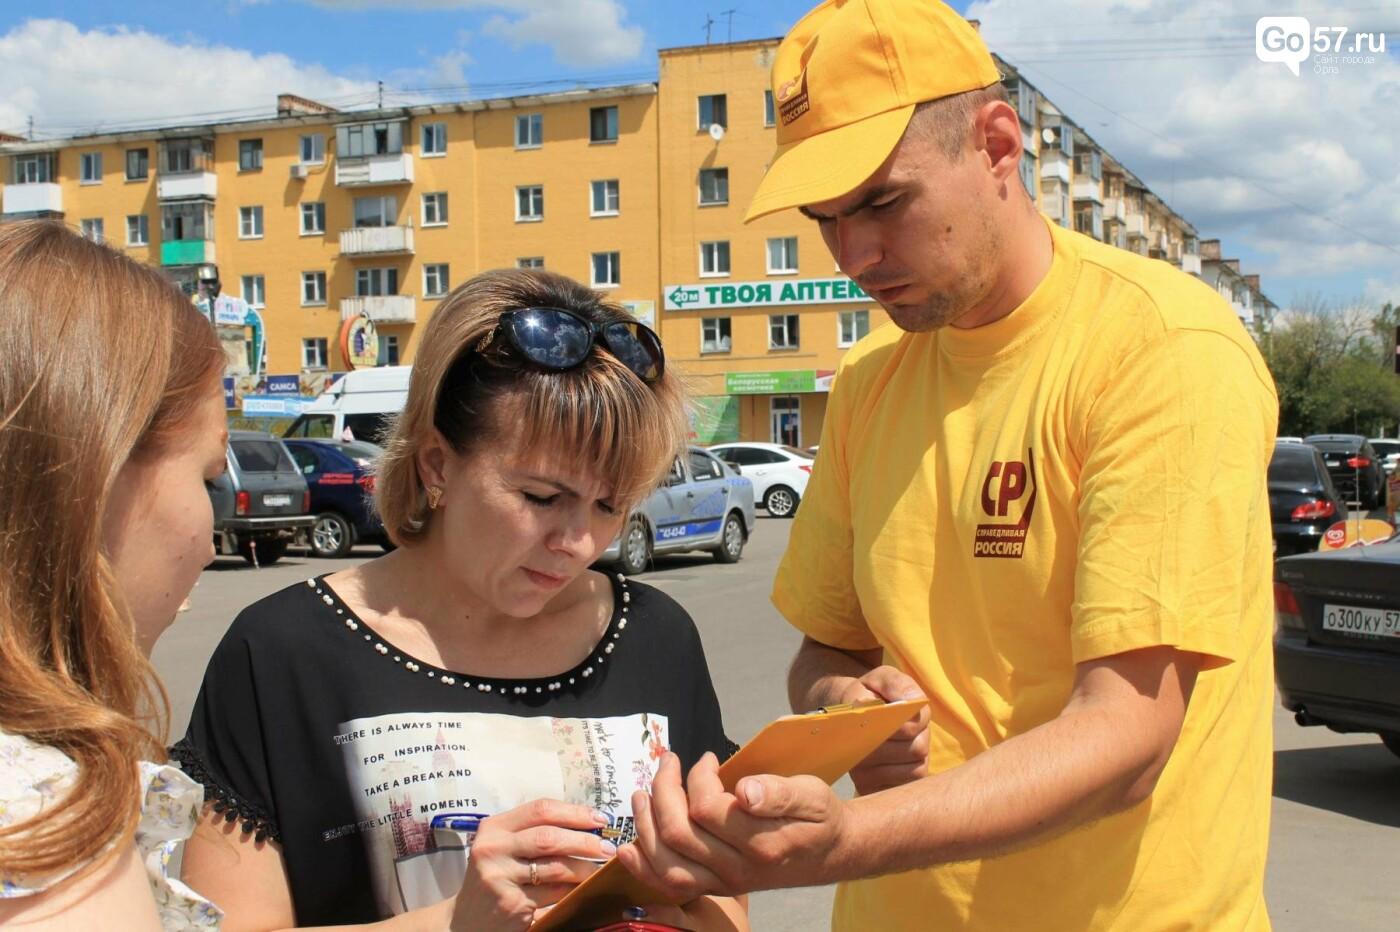 Орловцы выступают против повышения пенсионного возраста, фото-4